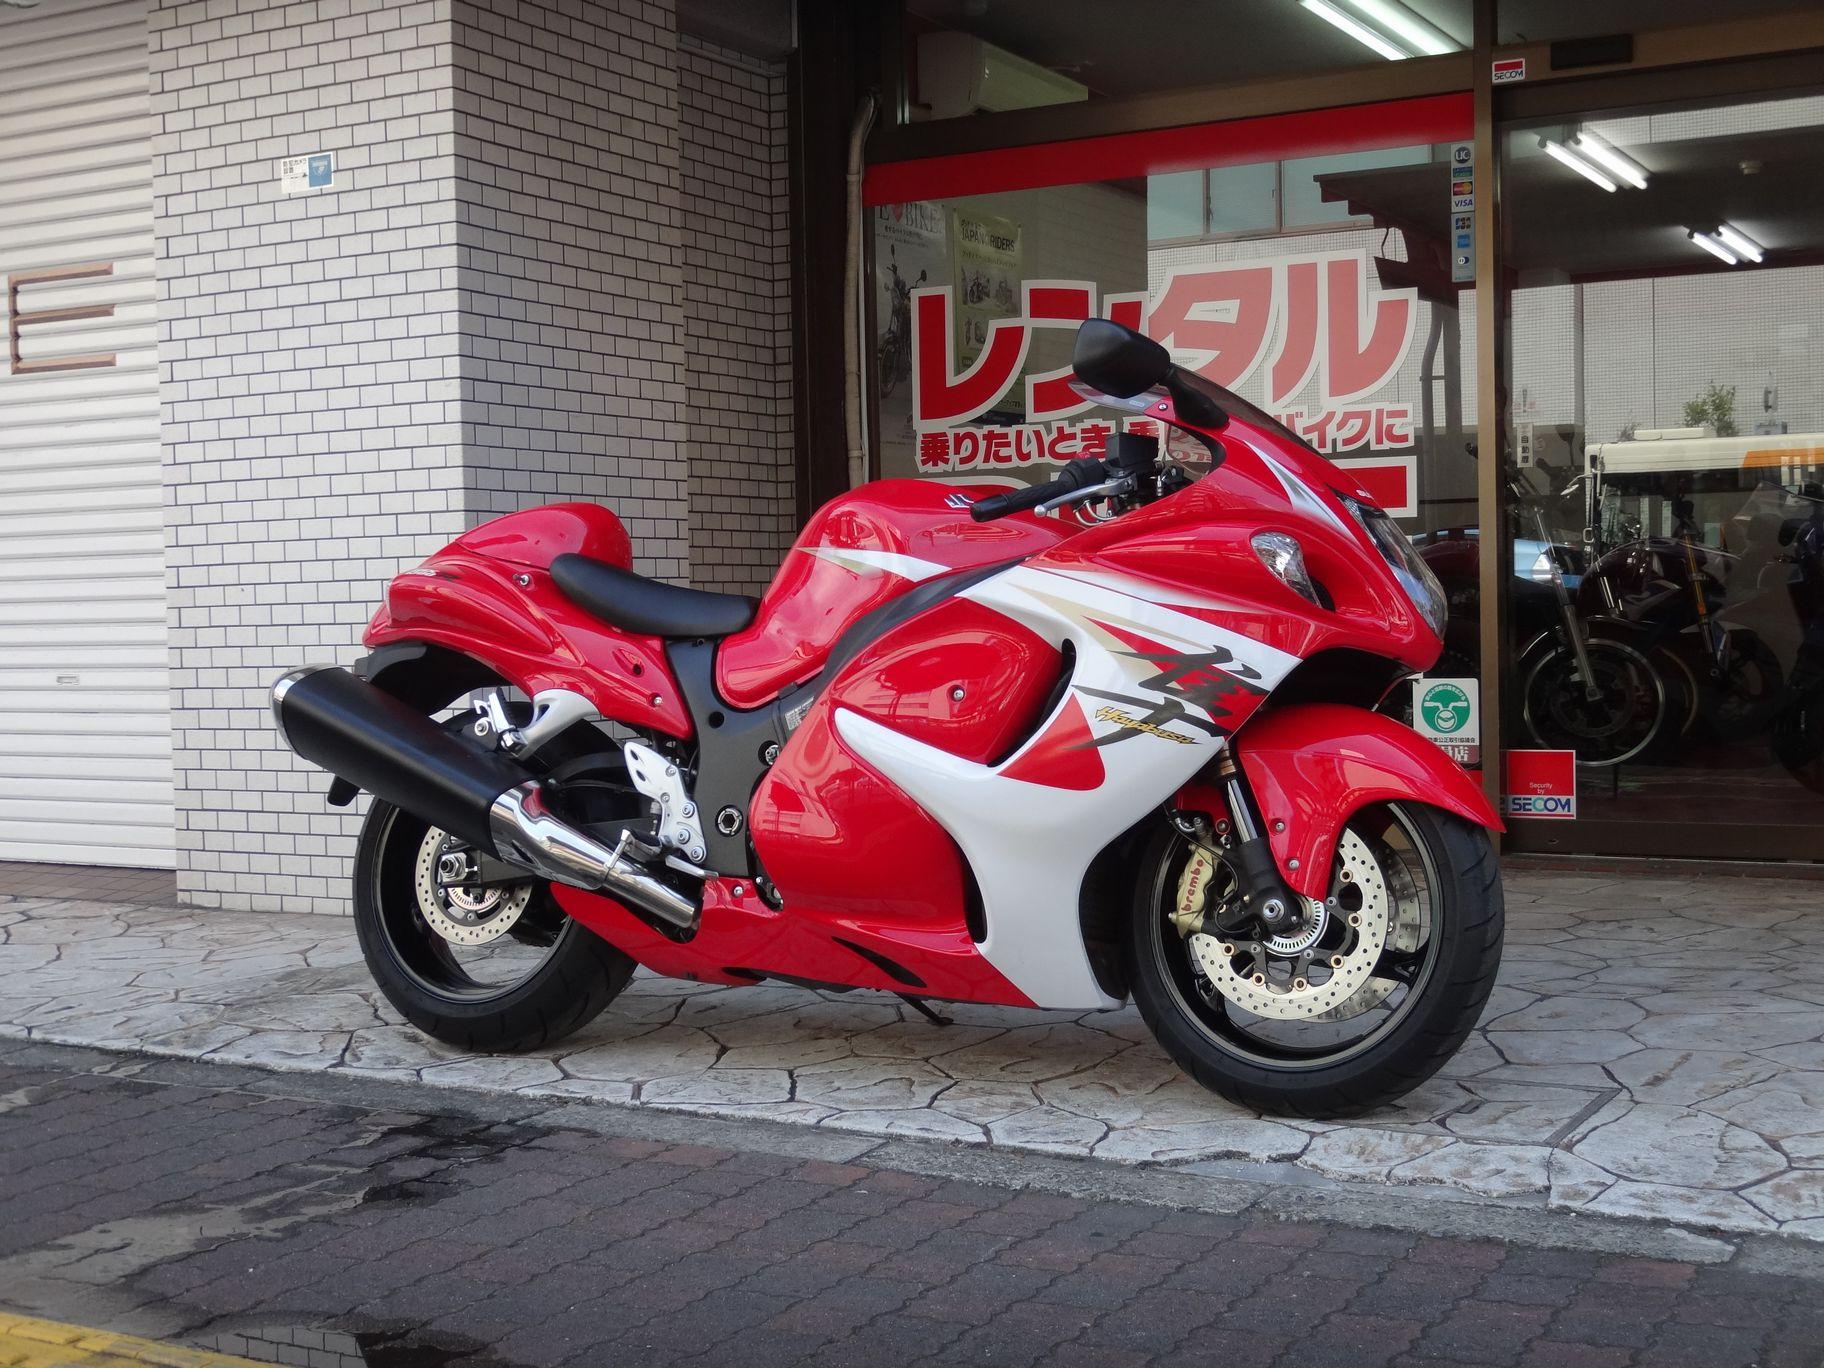 GSX-1300R隼 (1300cc)_l_07